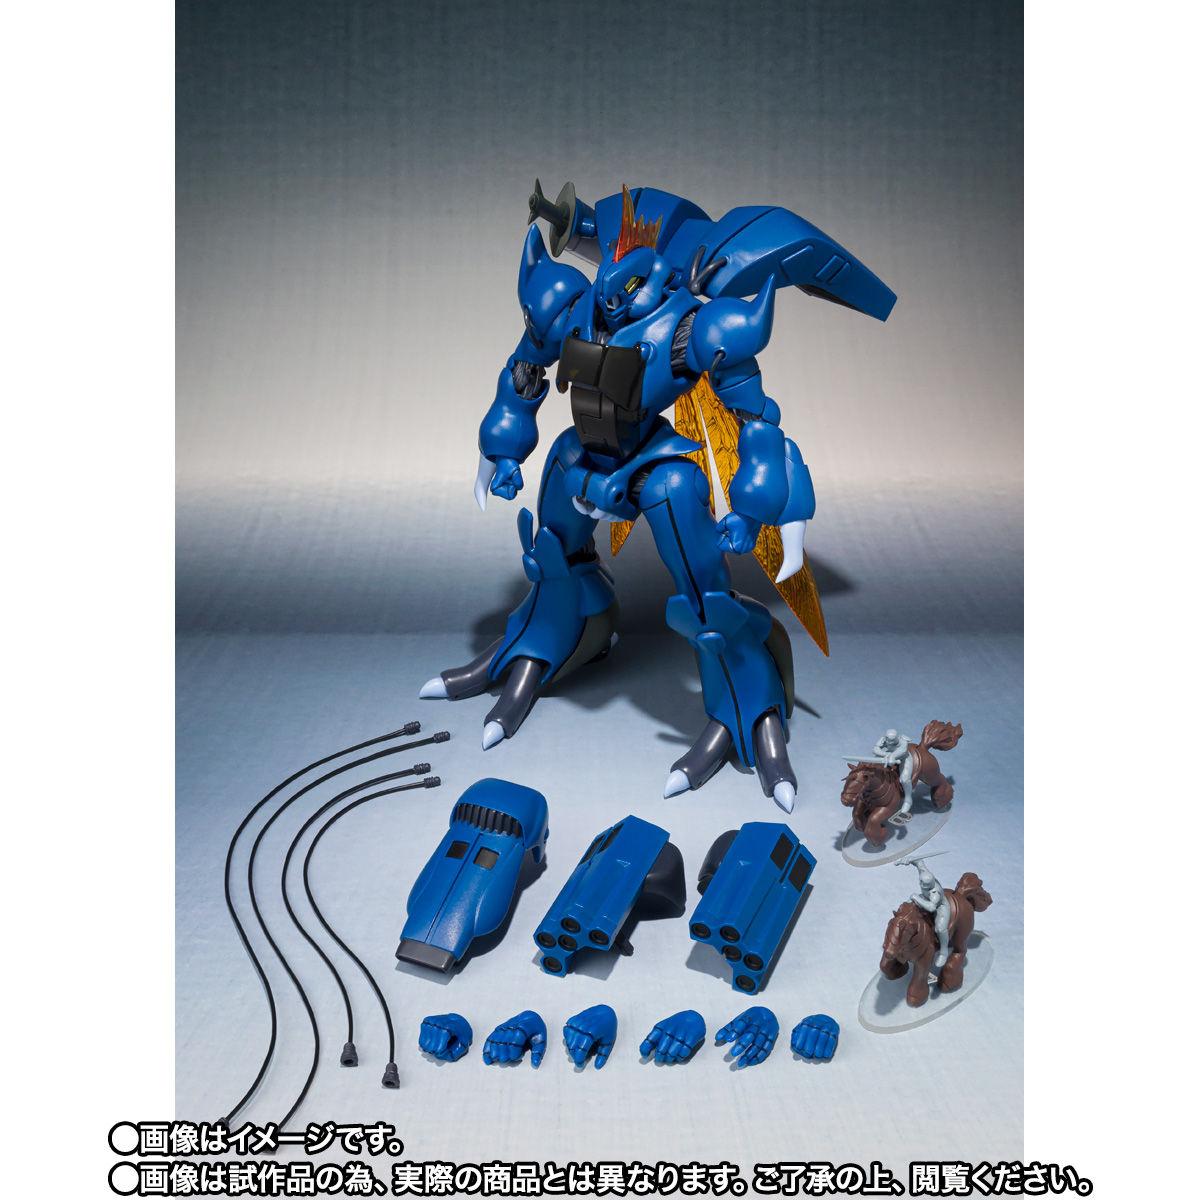 【限定販売】ROBOT魂〈SIDE AB〉『ビランビー & ユニコン・ウー セット』可動フィギュア-010